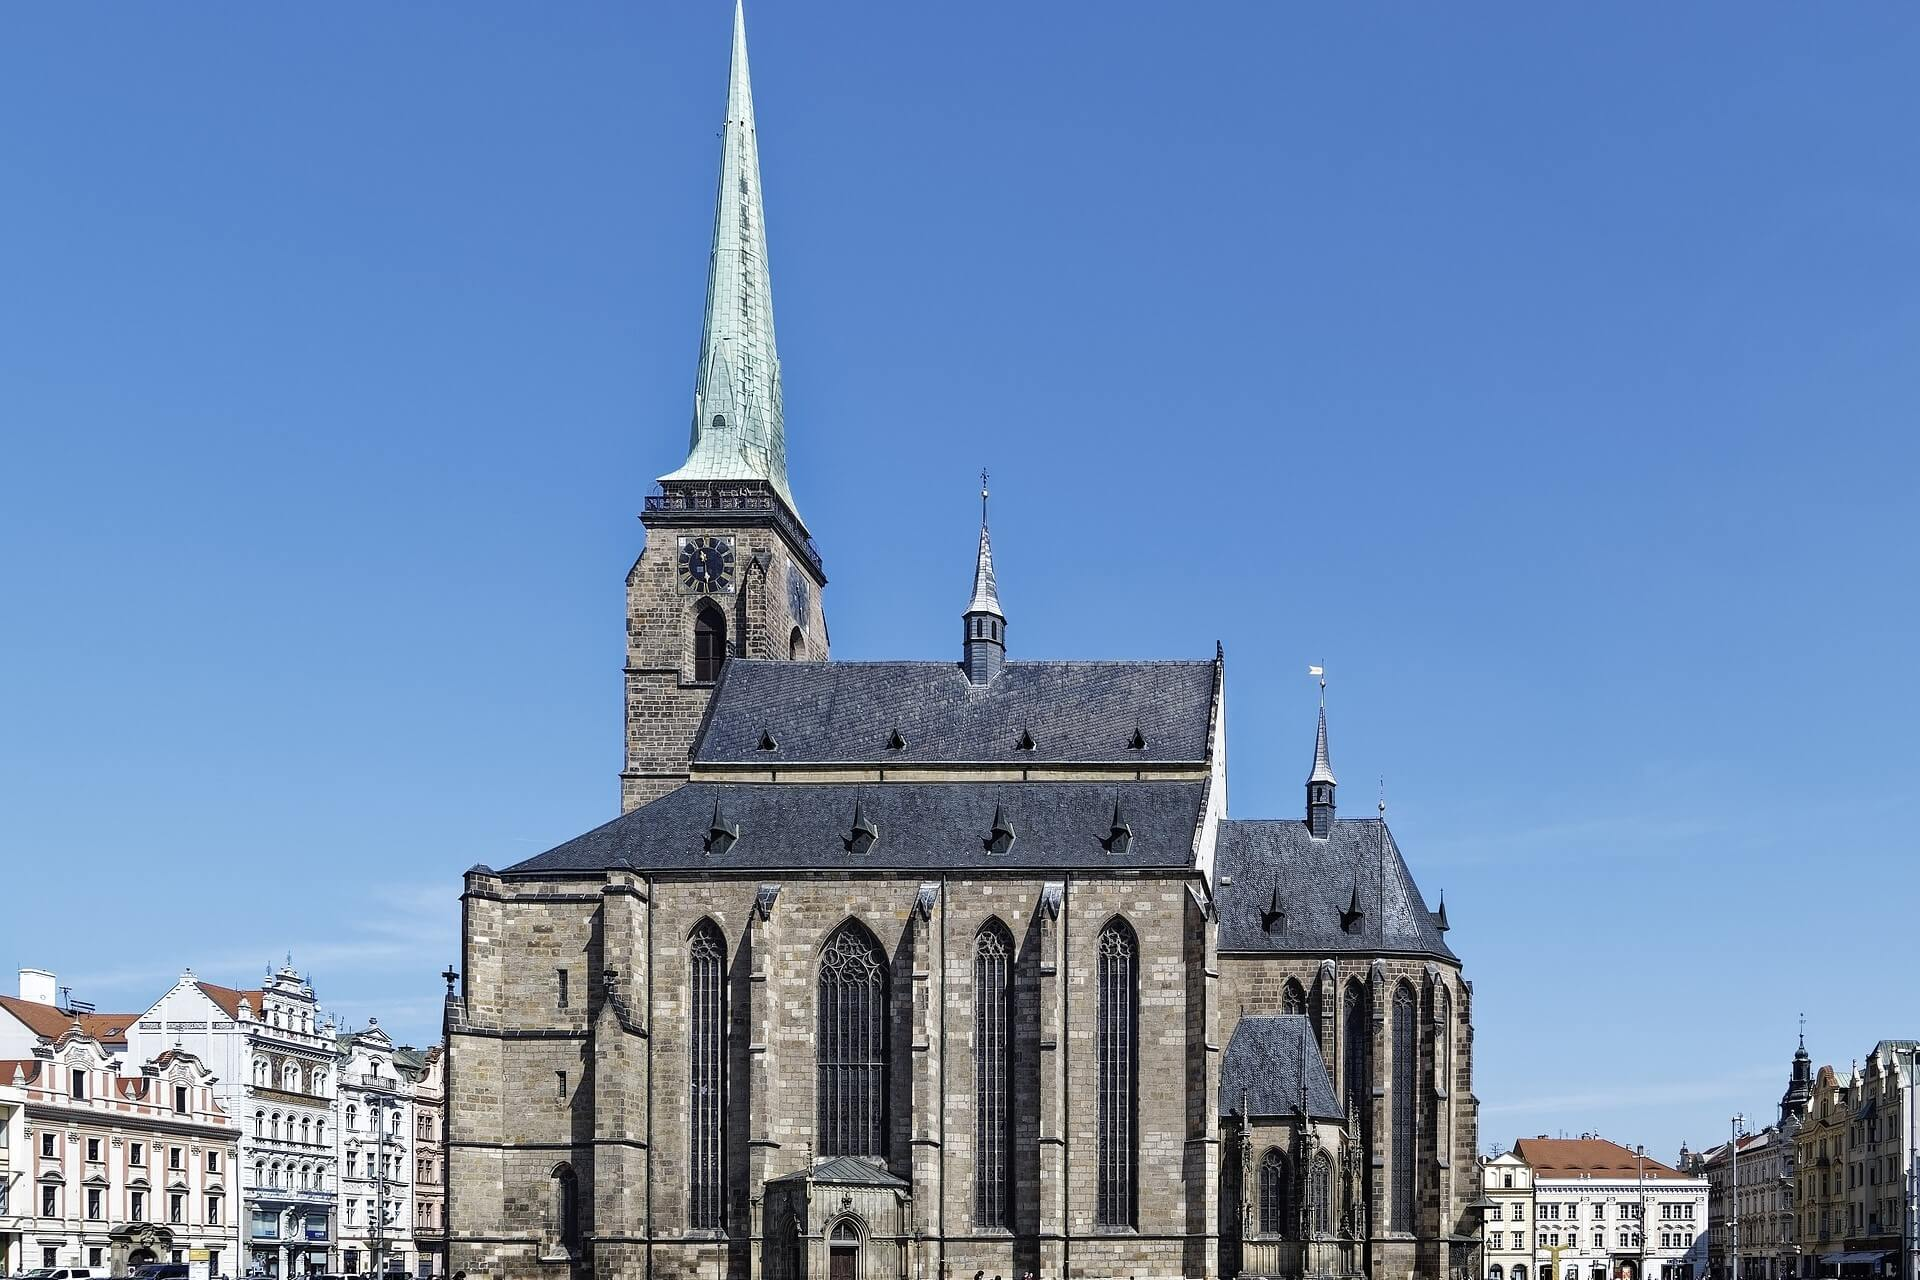 Church in Pilsen, Czech Republic, near Prague. Home to Pilsner beer.